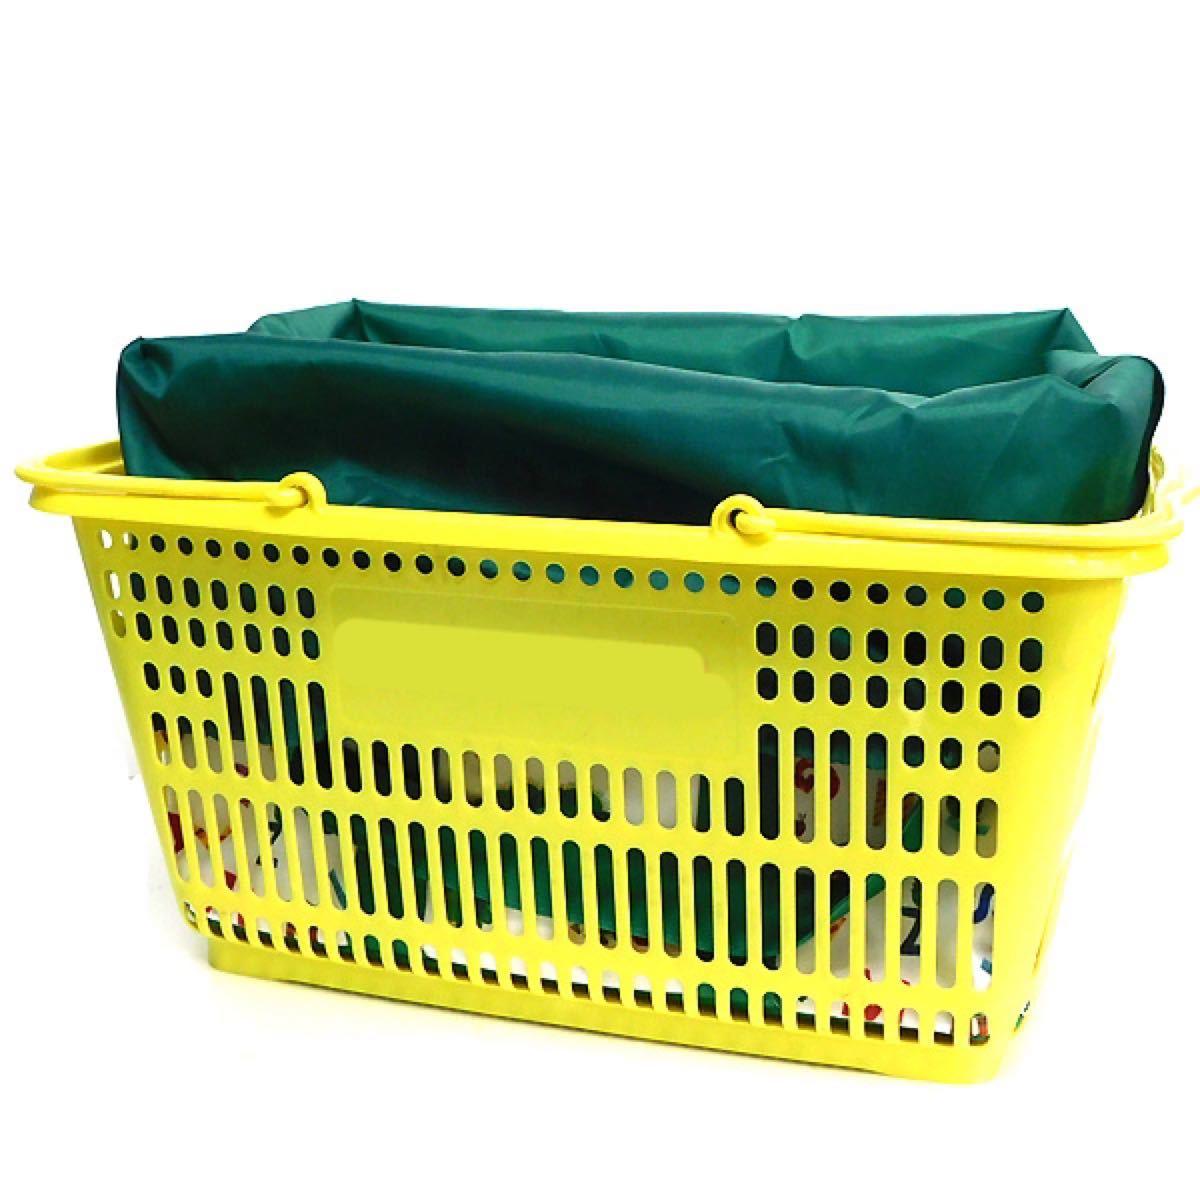 送料無料 はらぺこあおむし 保冷バッグ 大容量 クーラーバッグ レジカゴバッグ レジカゴ 保冷 バッグ エコバッグ 折りたたみ